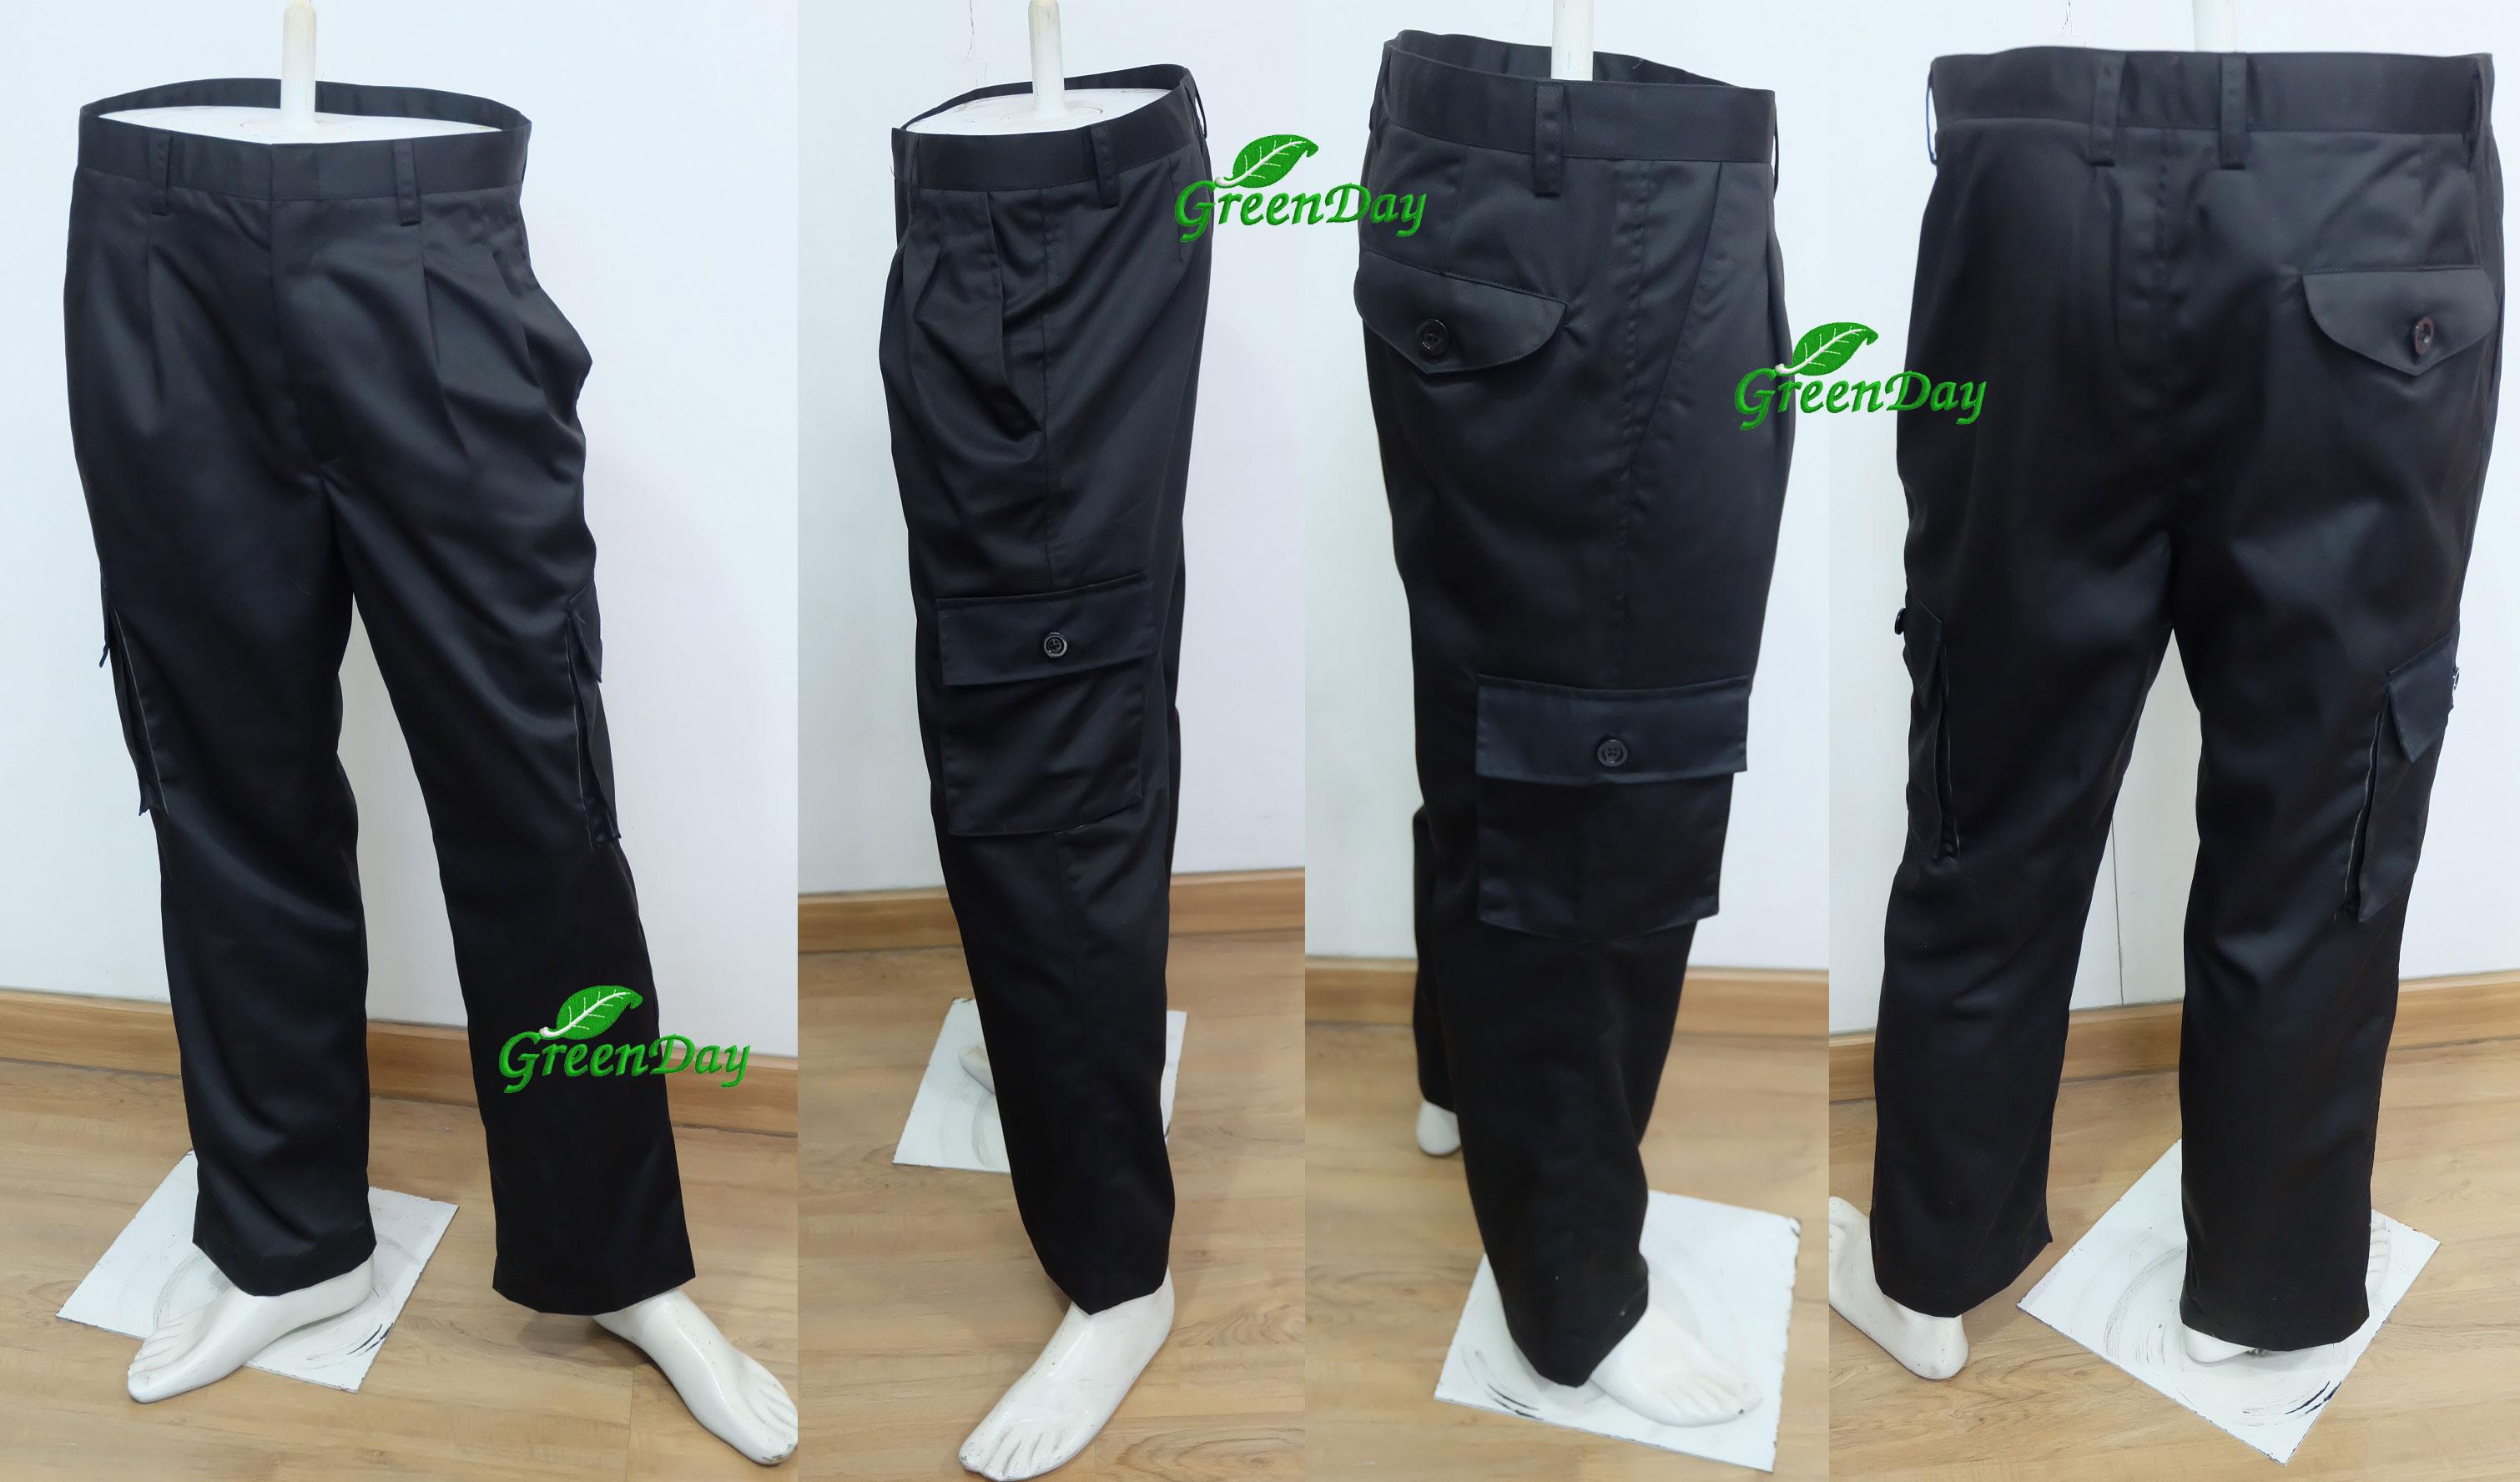 กางเกงช่างกระเป๋าข้างสีดำ